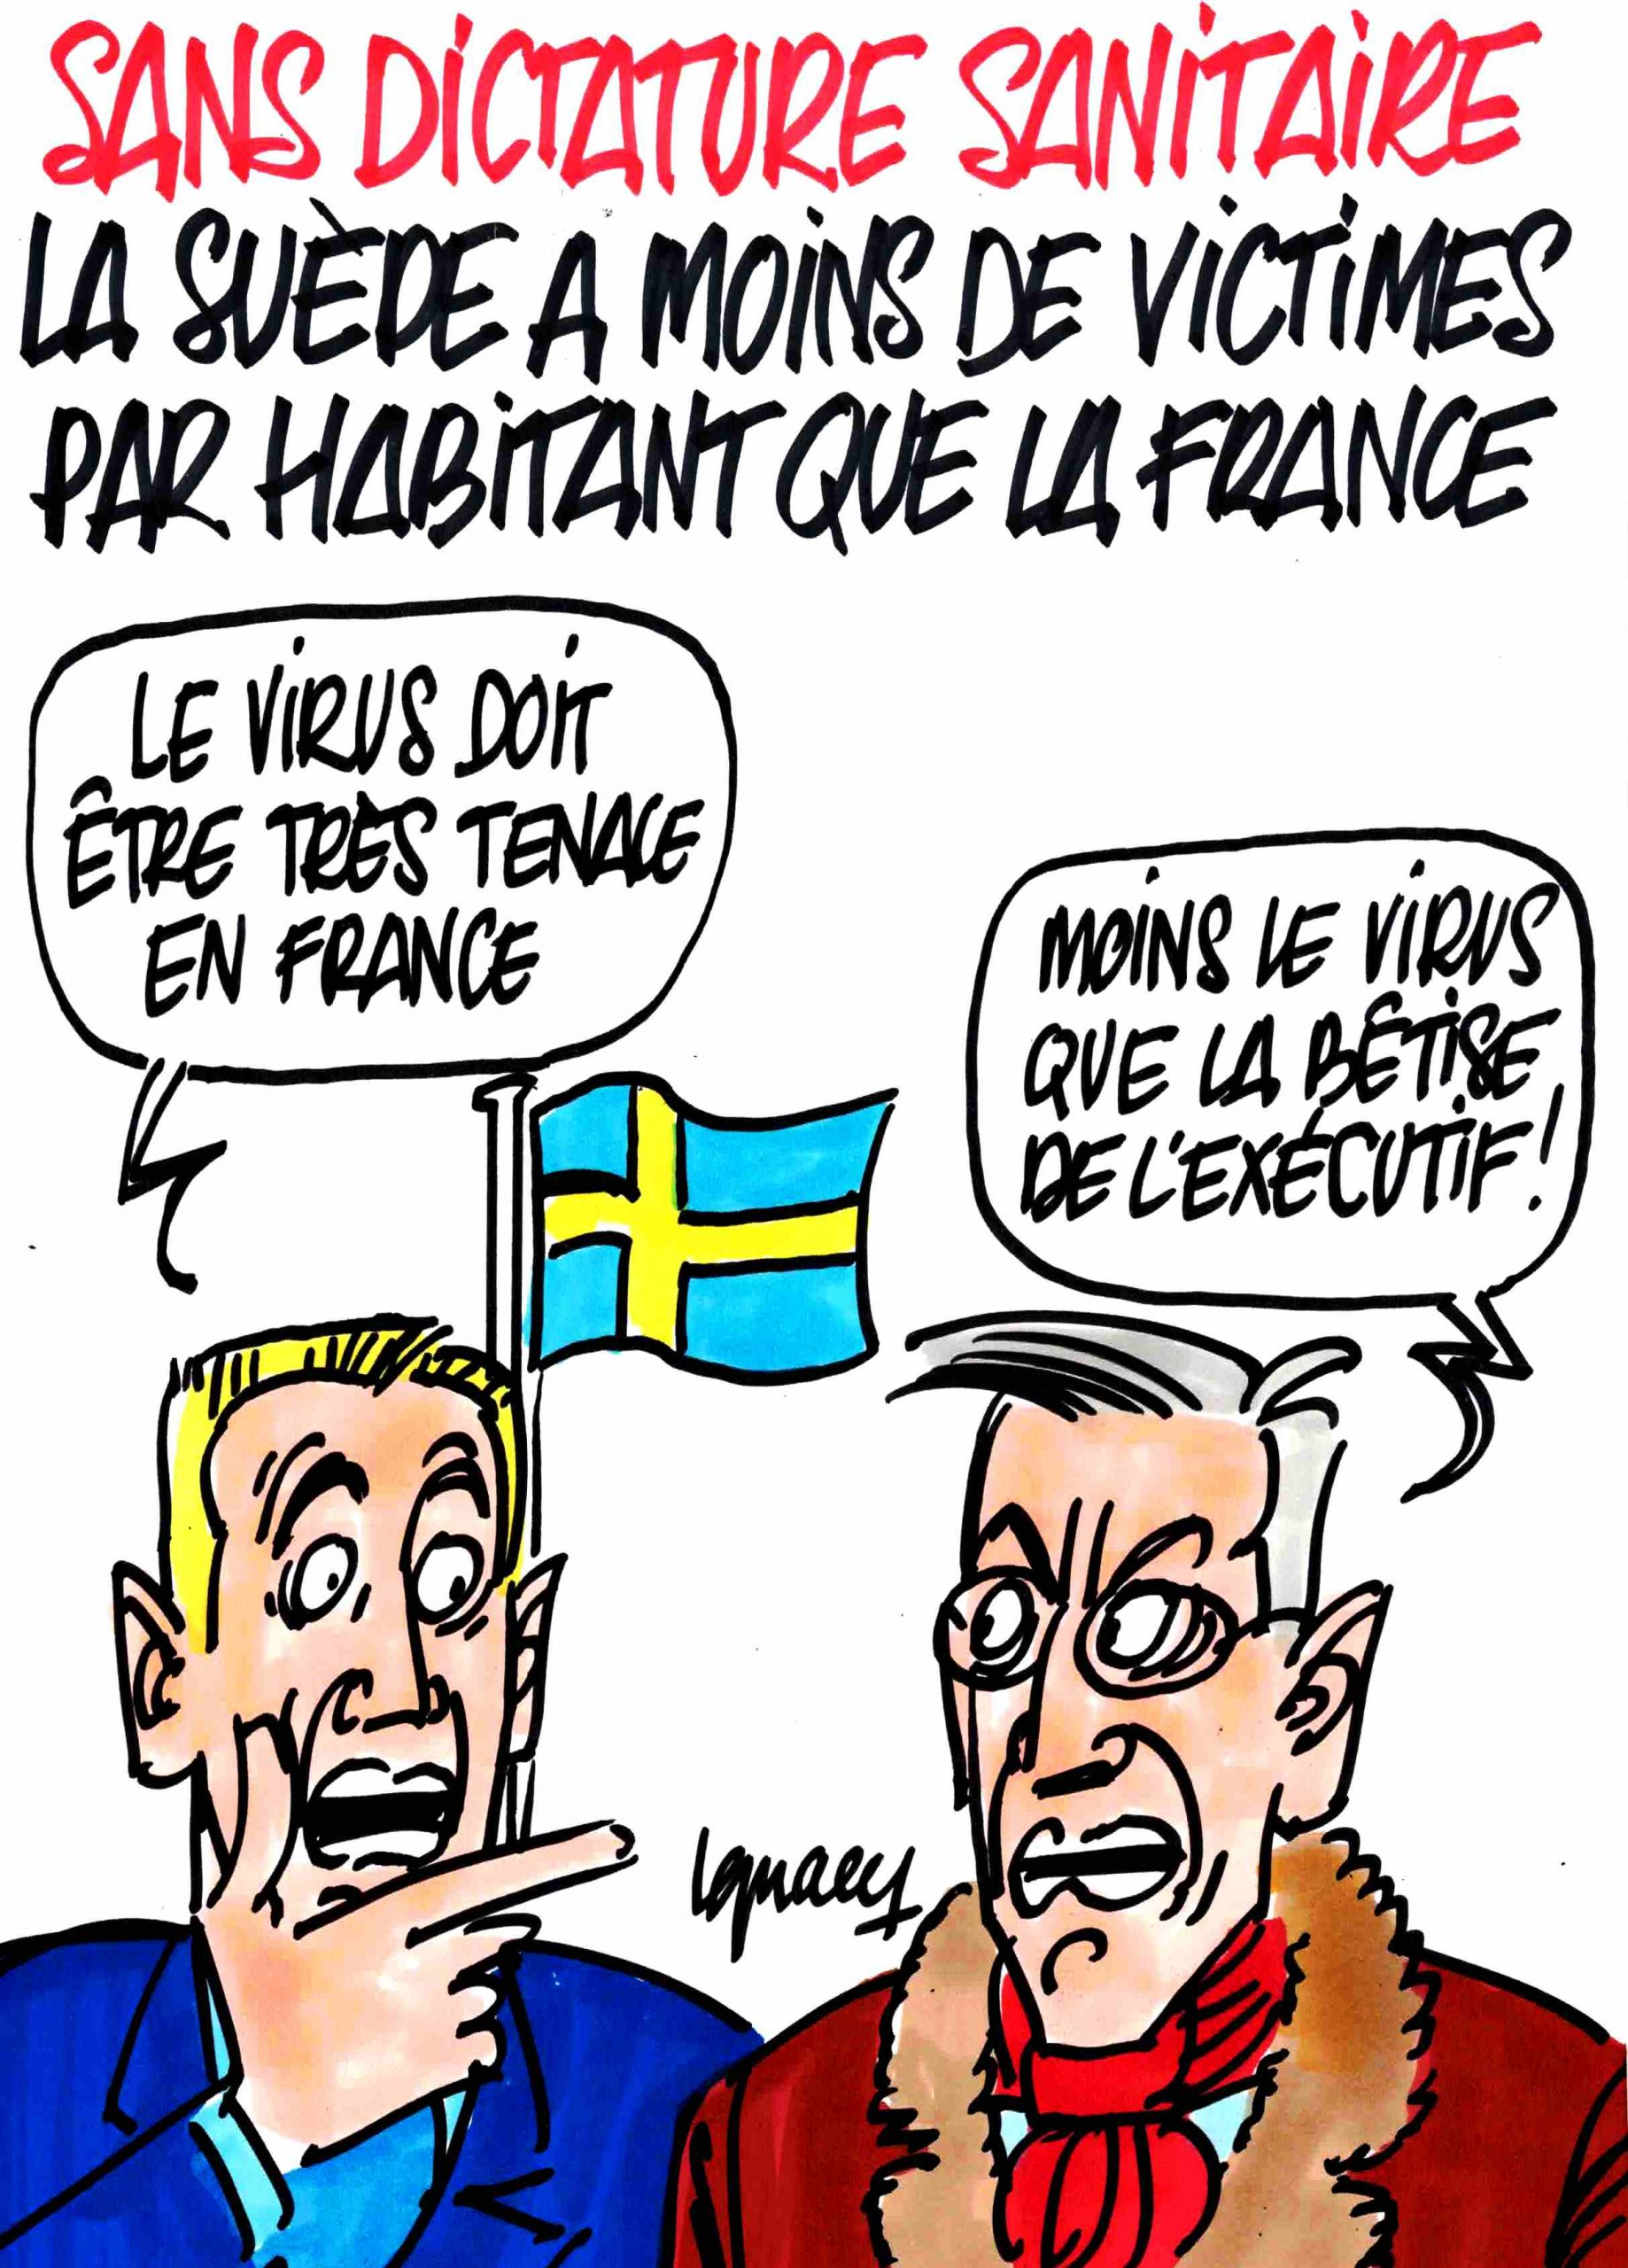 Ignace - La Suède sans dictature sanitaire